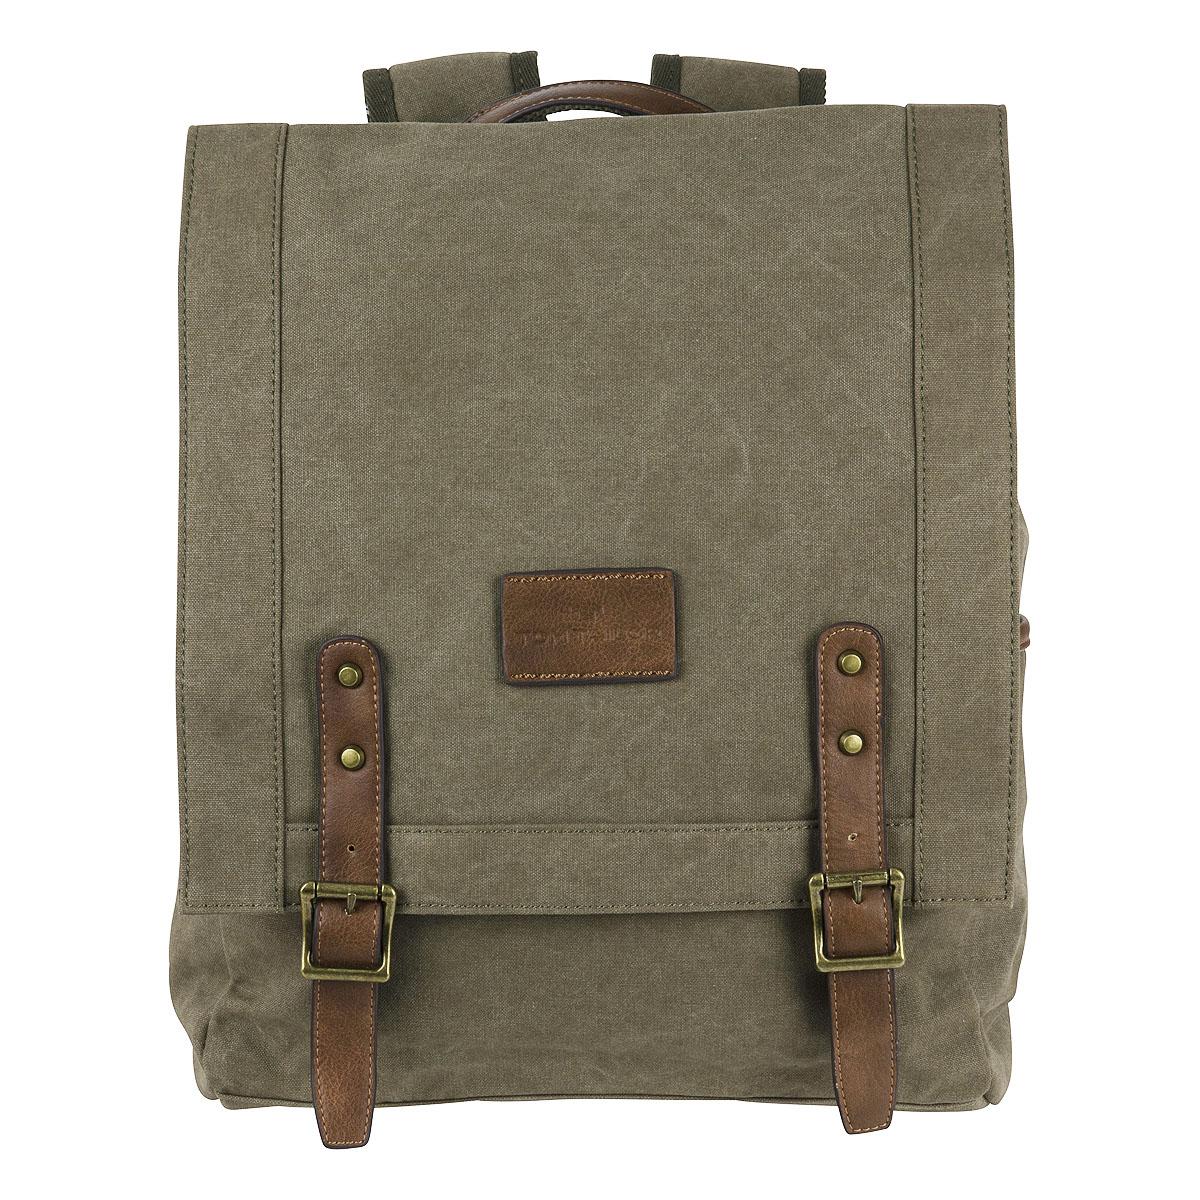 Tom Tailor Juri Herren Rucksack Backpack Daypack 20028-35